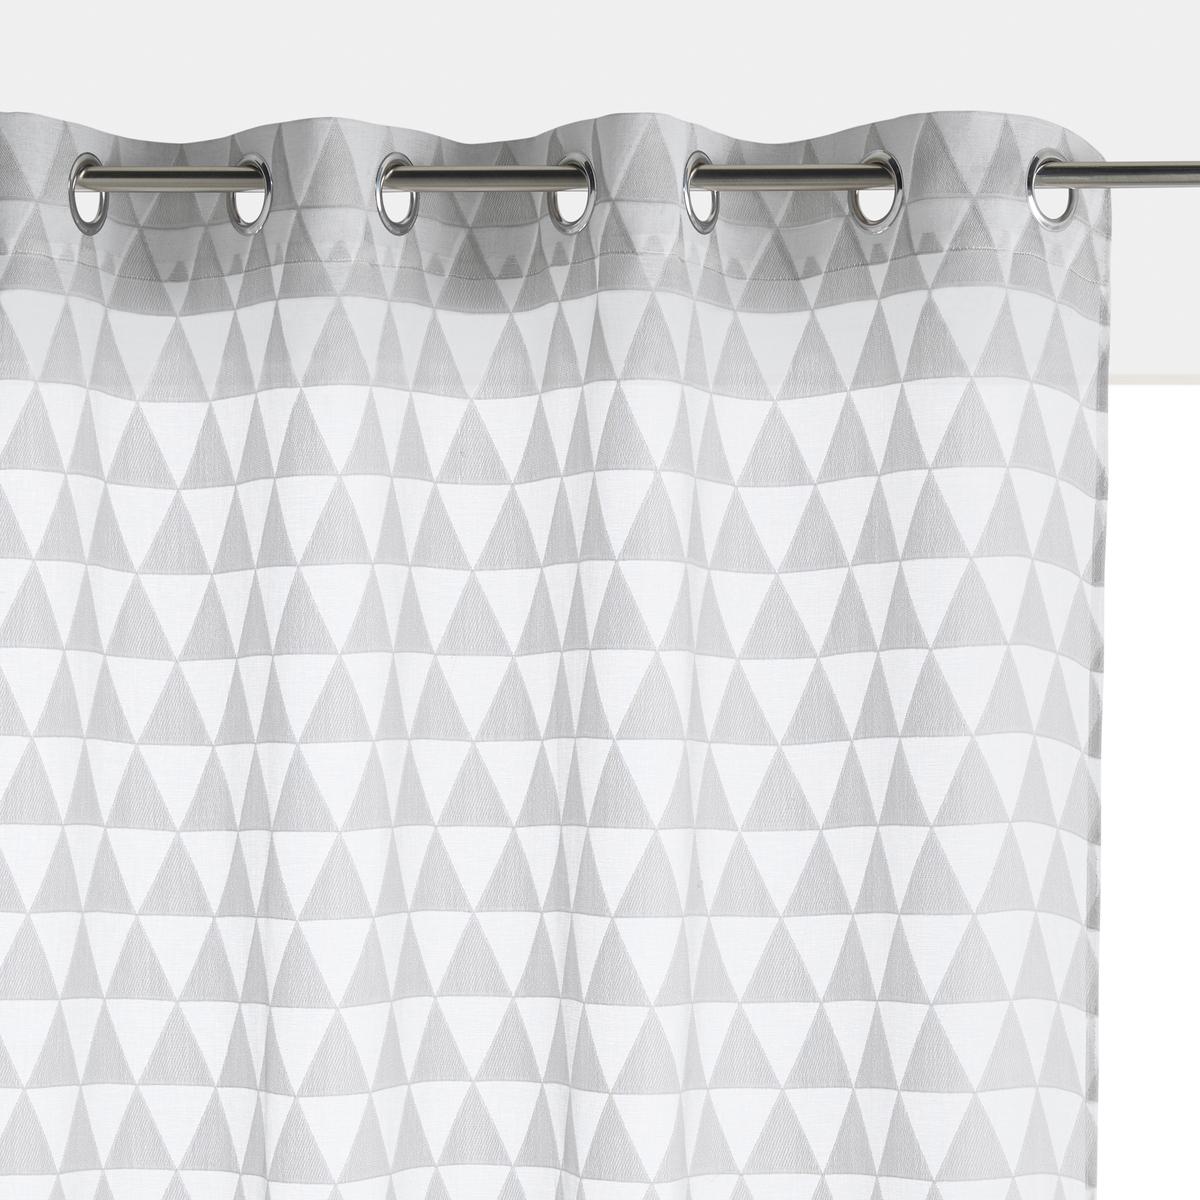 Занавеска LaRedoute С жаккардовым рисунком Triangle 350 x 135 см серый